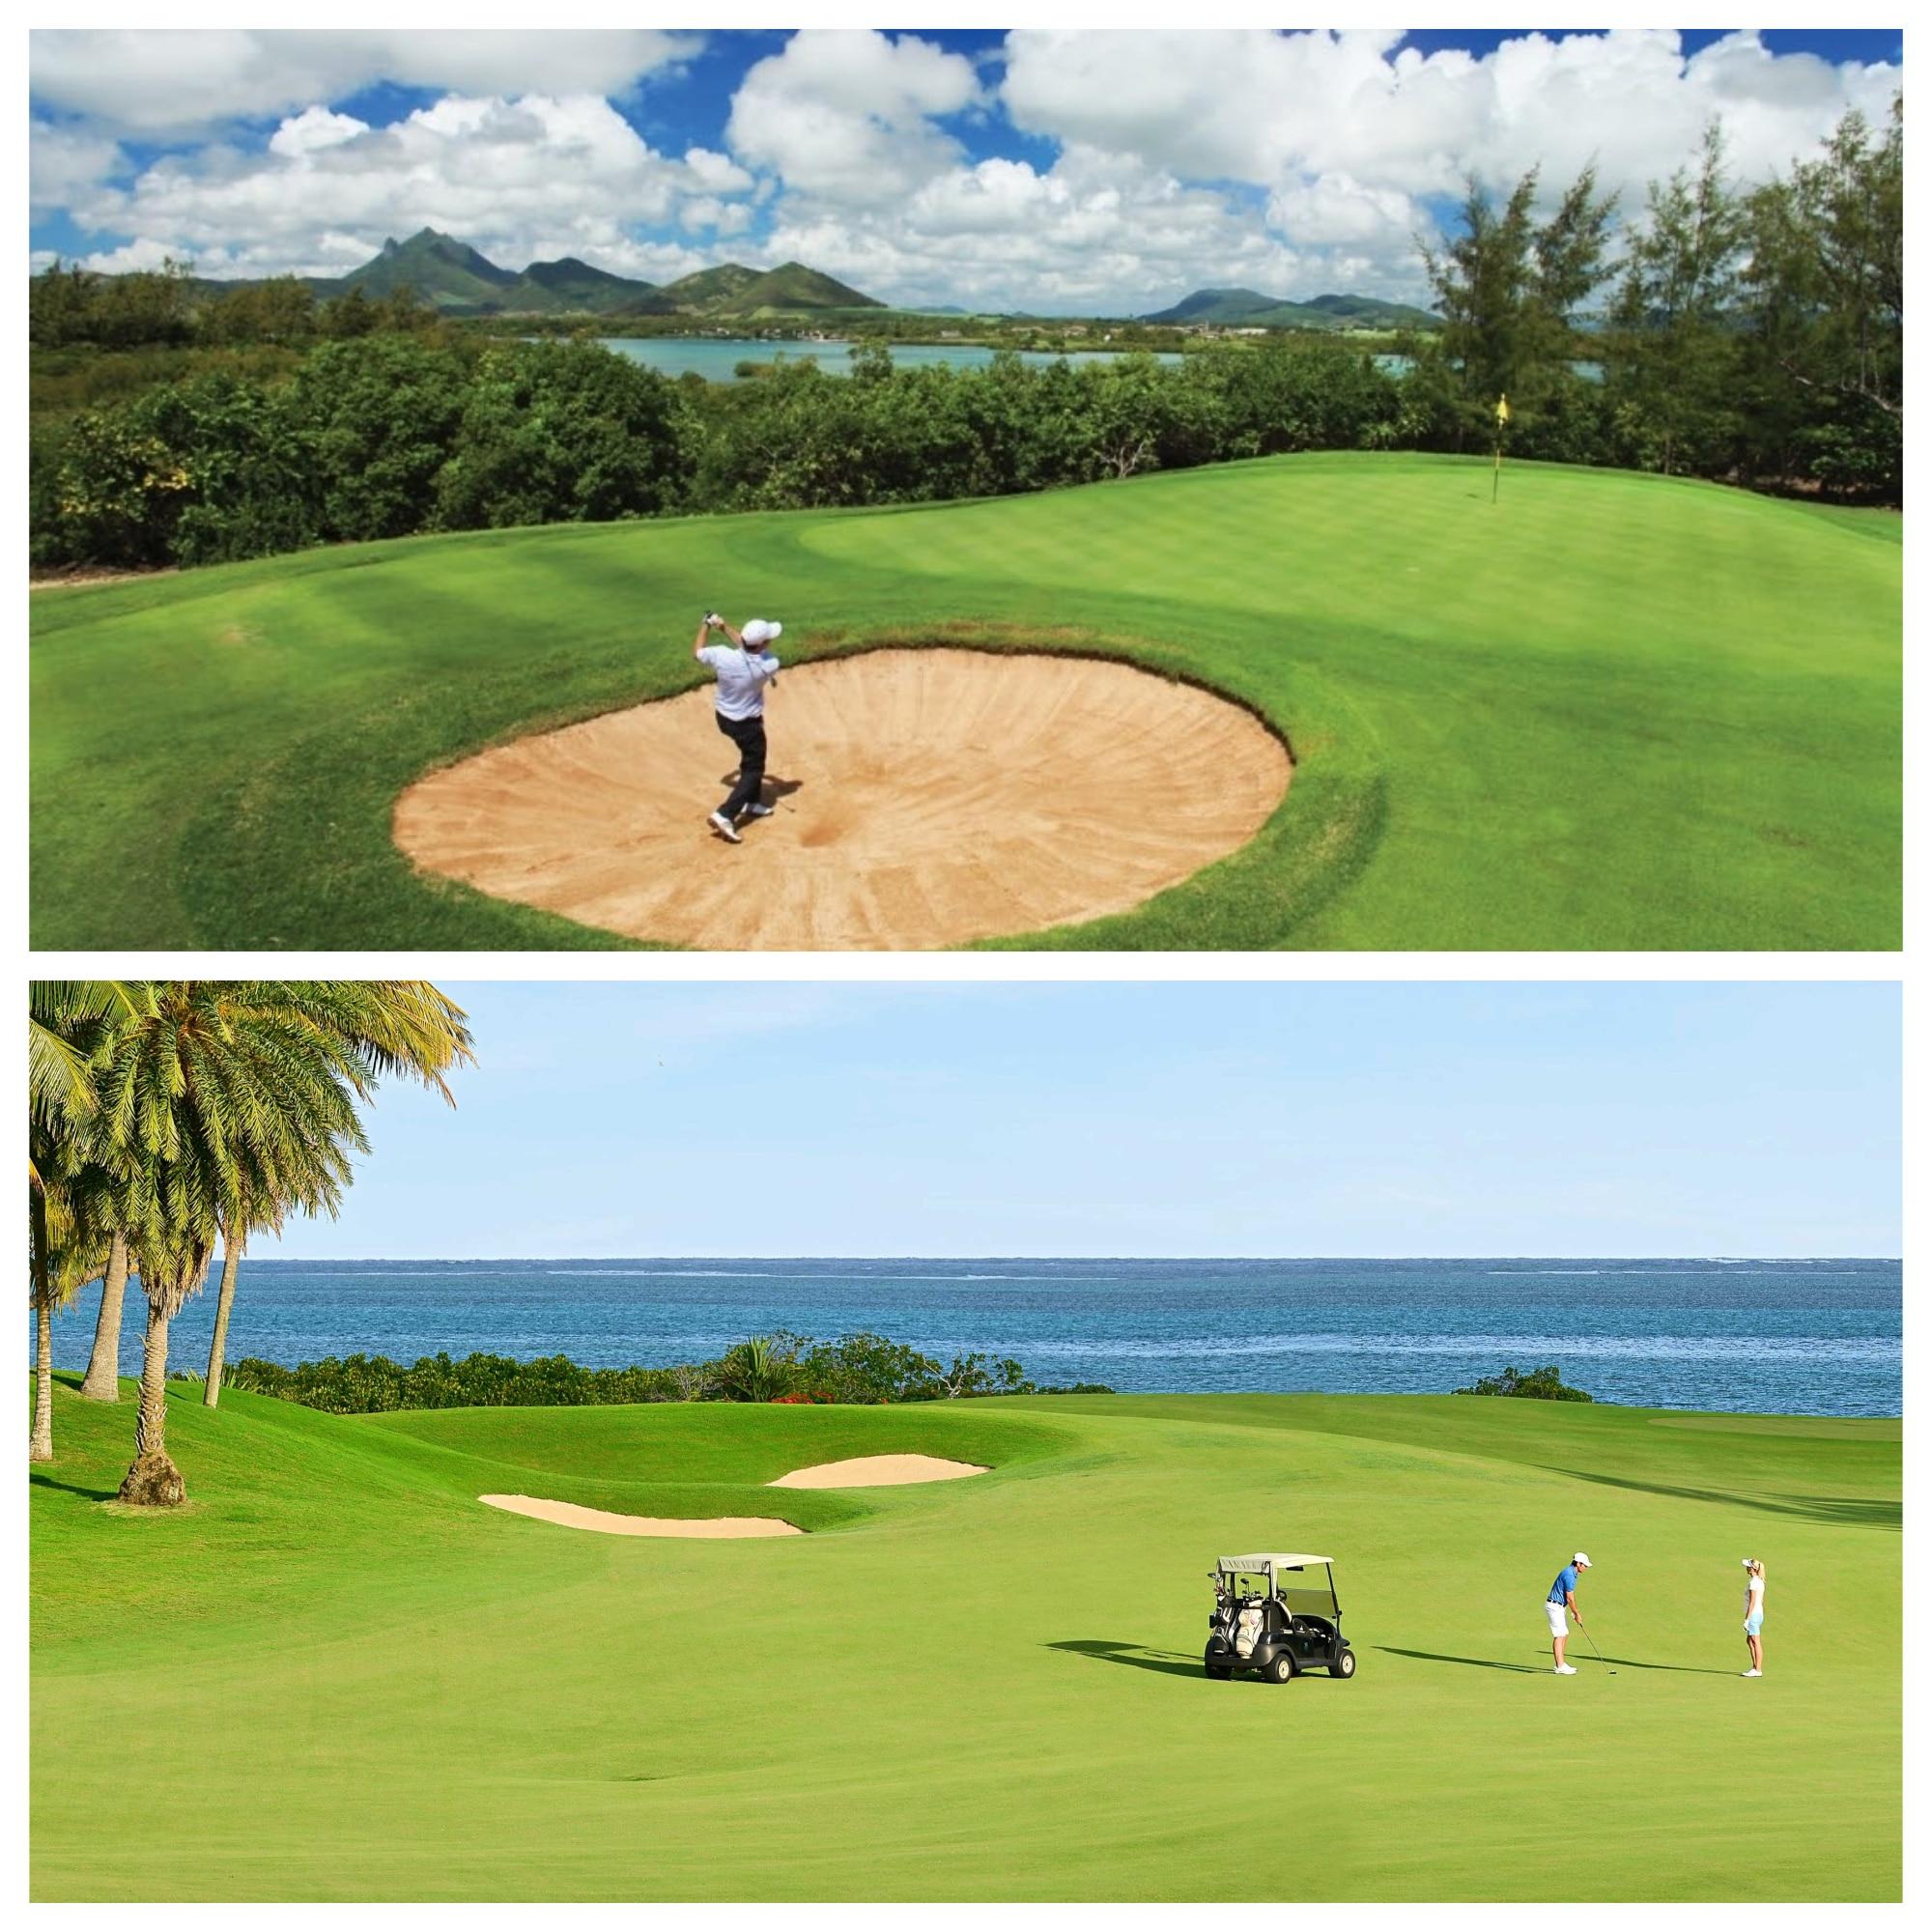 Anahita & Ile aux Cerfs Golf Club